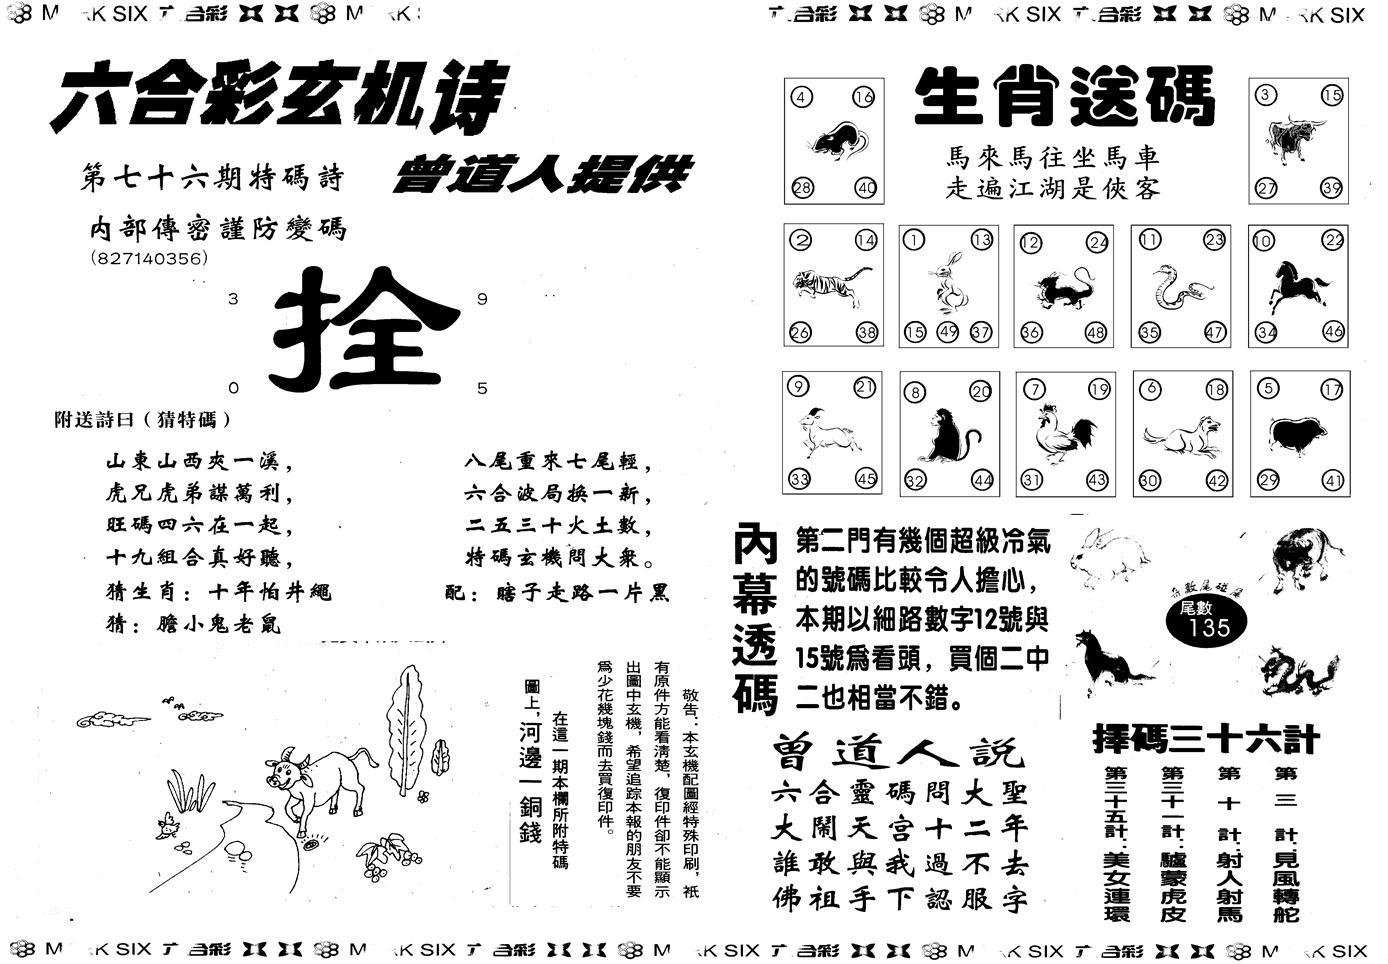 076期另版新内幕B(黑白)